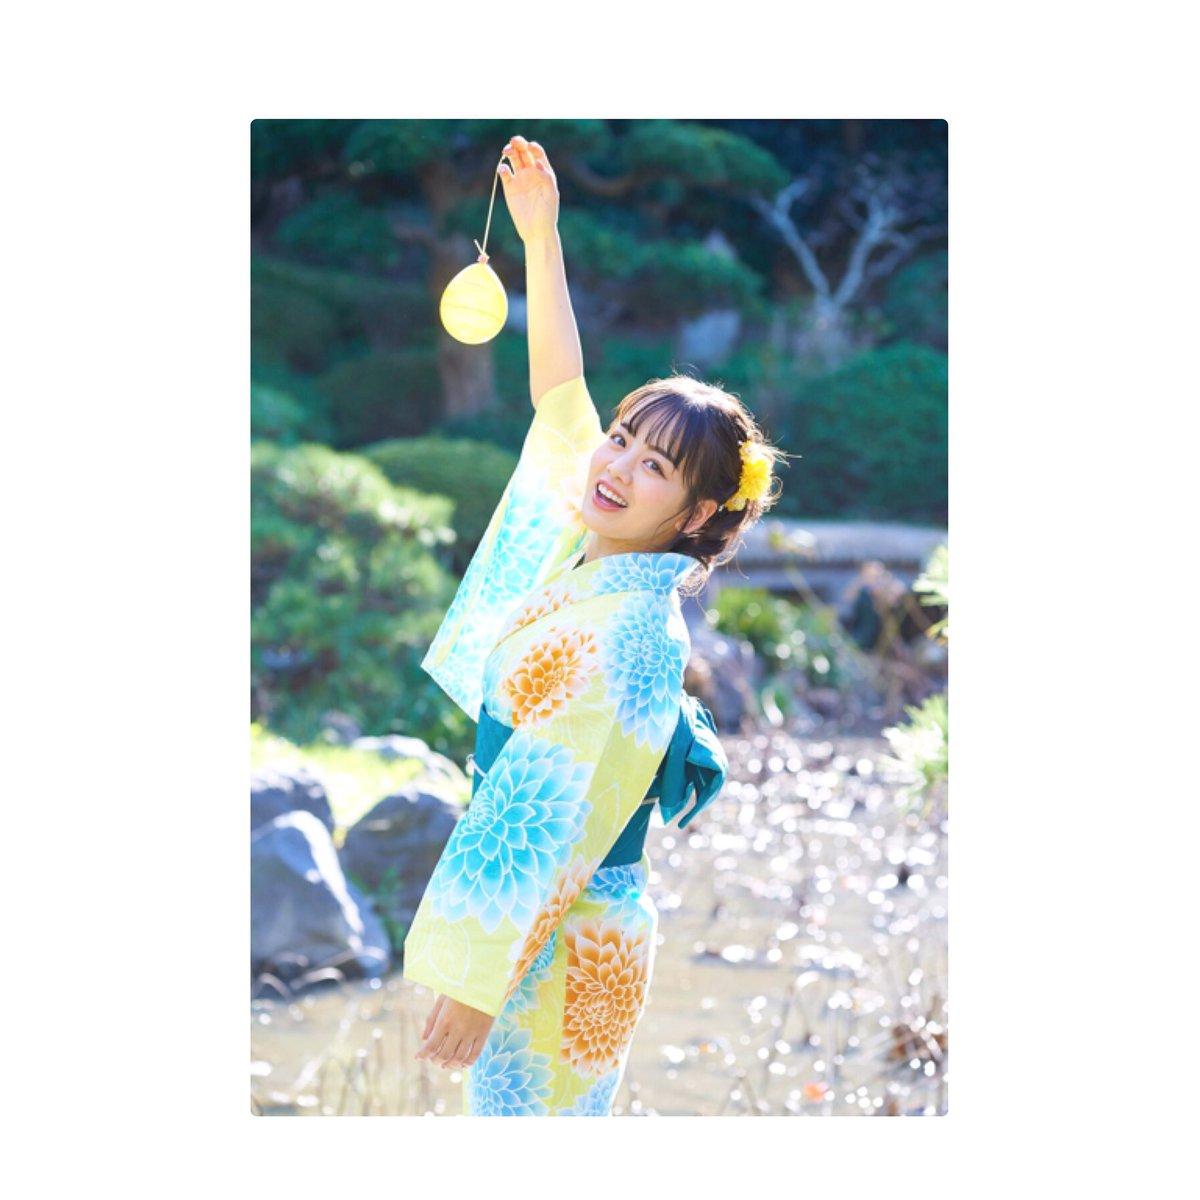 test ツイッターメディア - 2020年度の スクールカレンダーを 発売出来ることになりました!  本当に嬉しいです💞 月毎に違う雰囲気を 楽しんでもらえたら嬉しいです。  ぜひ見てください🙇♂️💗 photographer:岡本武志さん stylist:有咲さん hair&make :藤原季里さん  東京ニュース通信社さん ありがとうございます︎︎☺︎ https://t.co/68tPChVT03